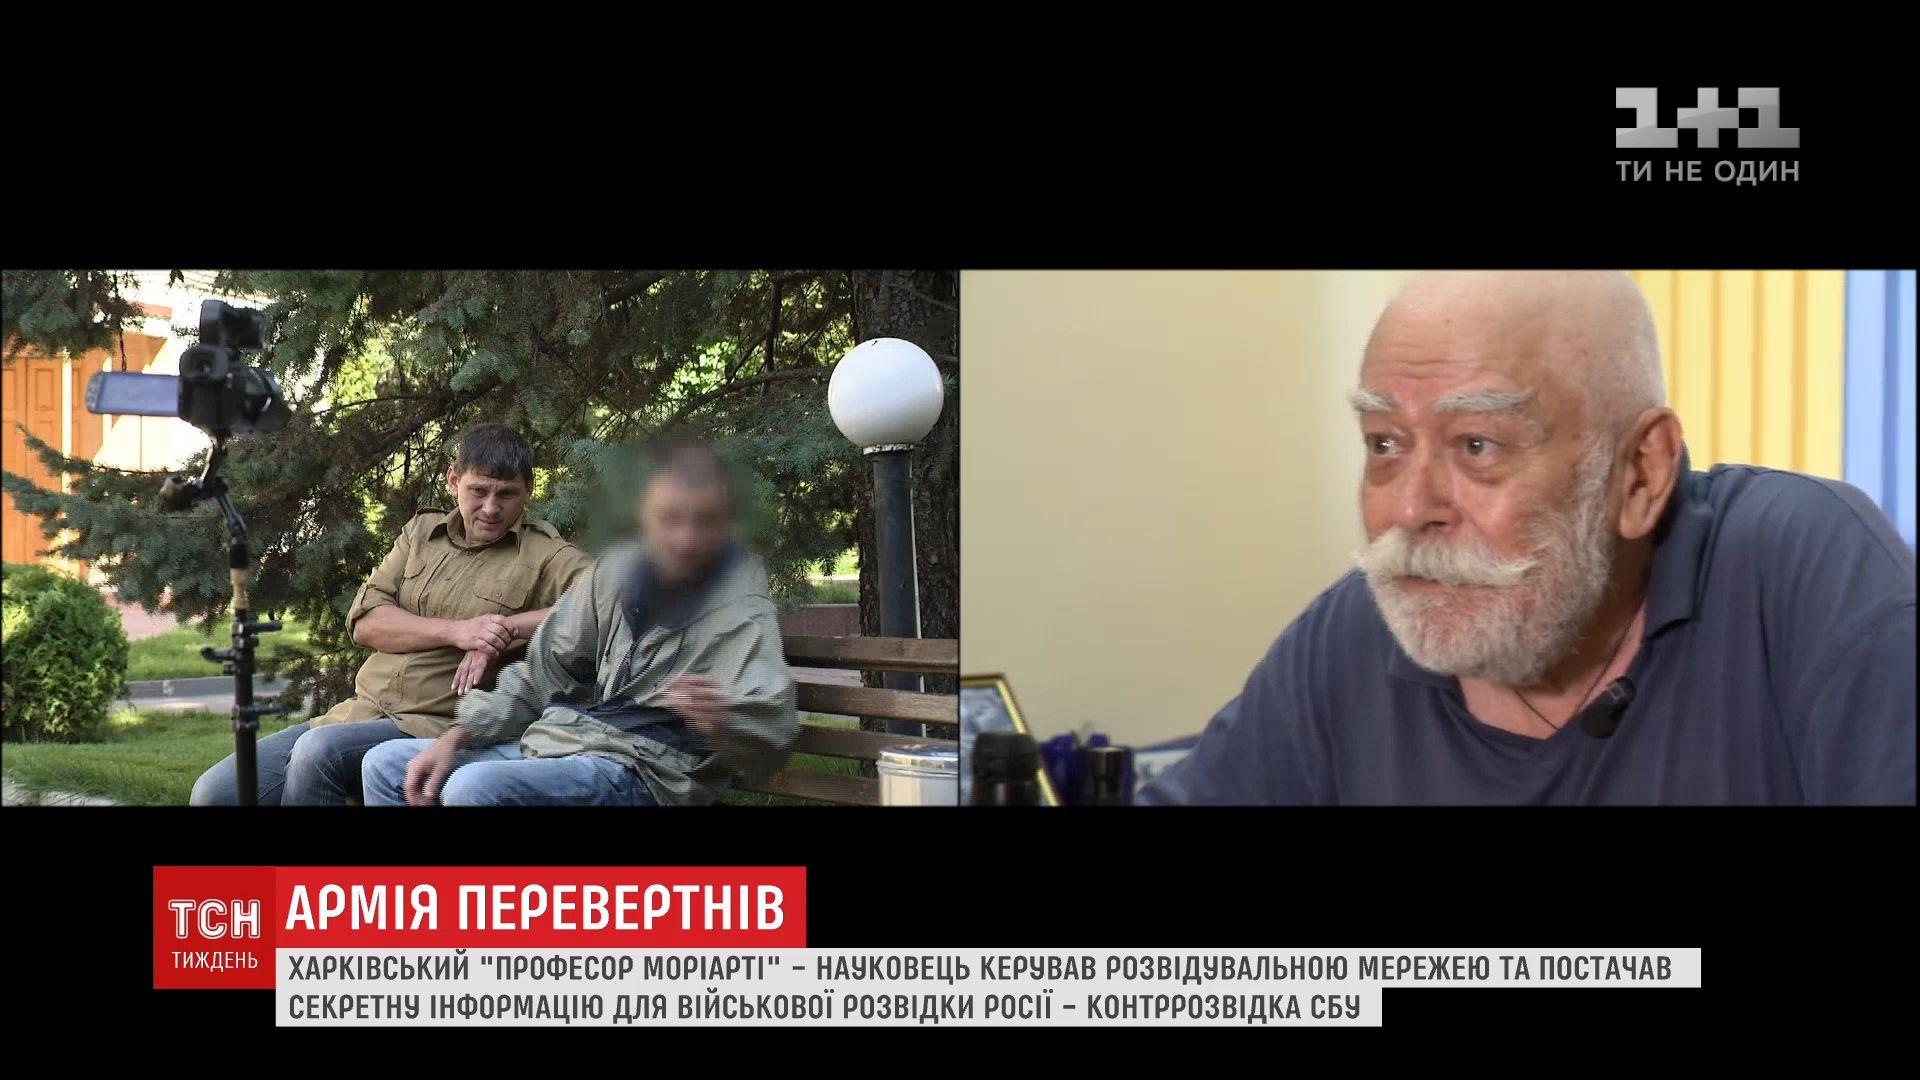 Харьковский ученый оказался